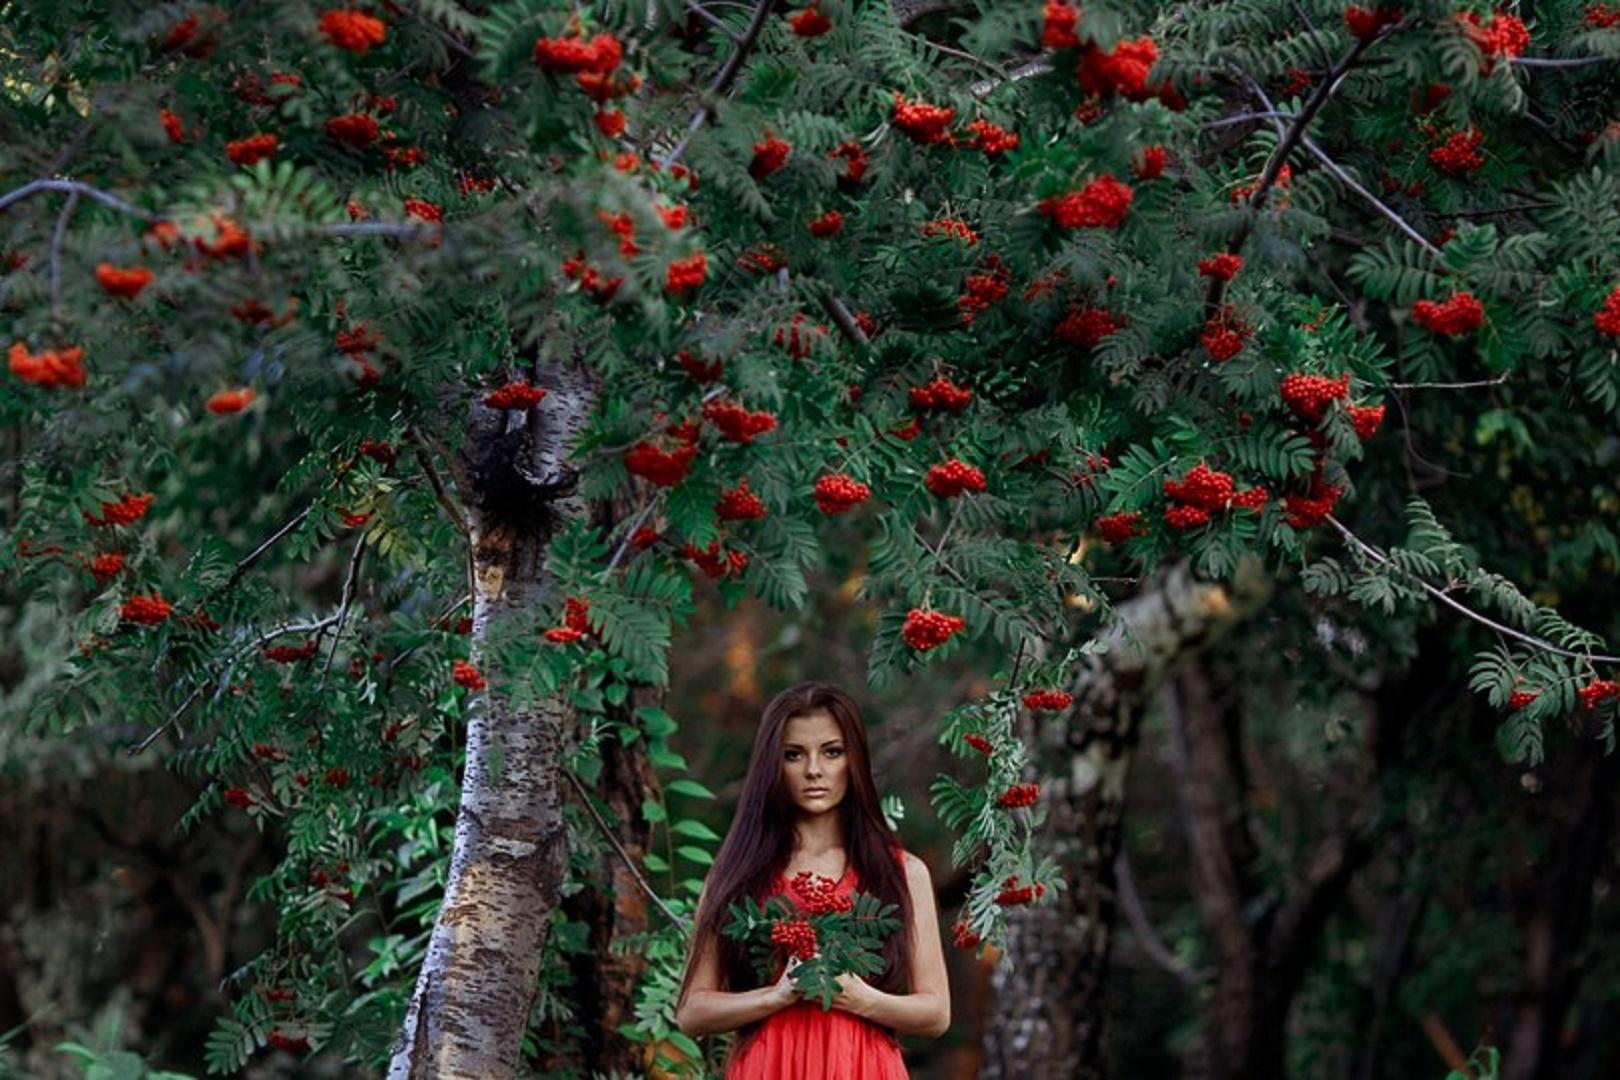 фотосессия в лесу с рябиной вообще, можно